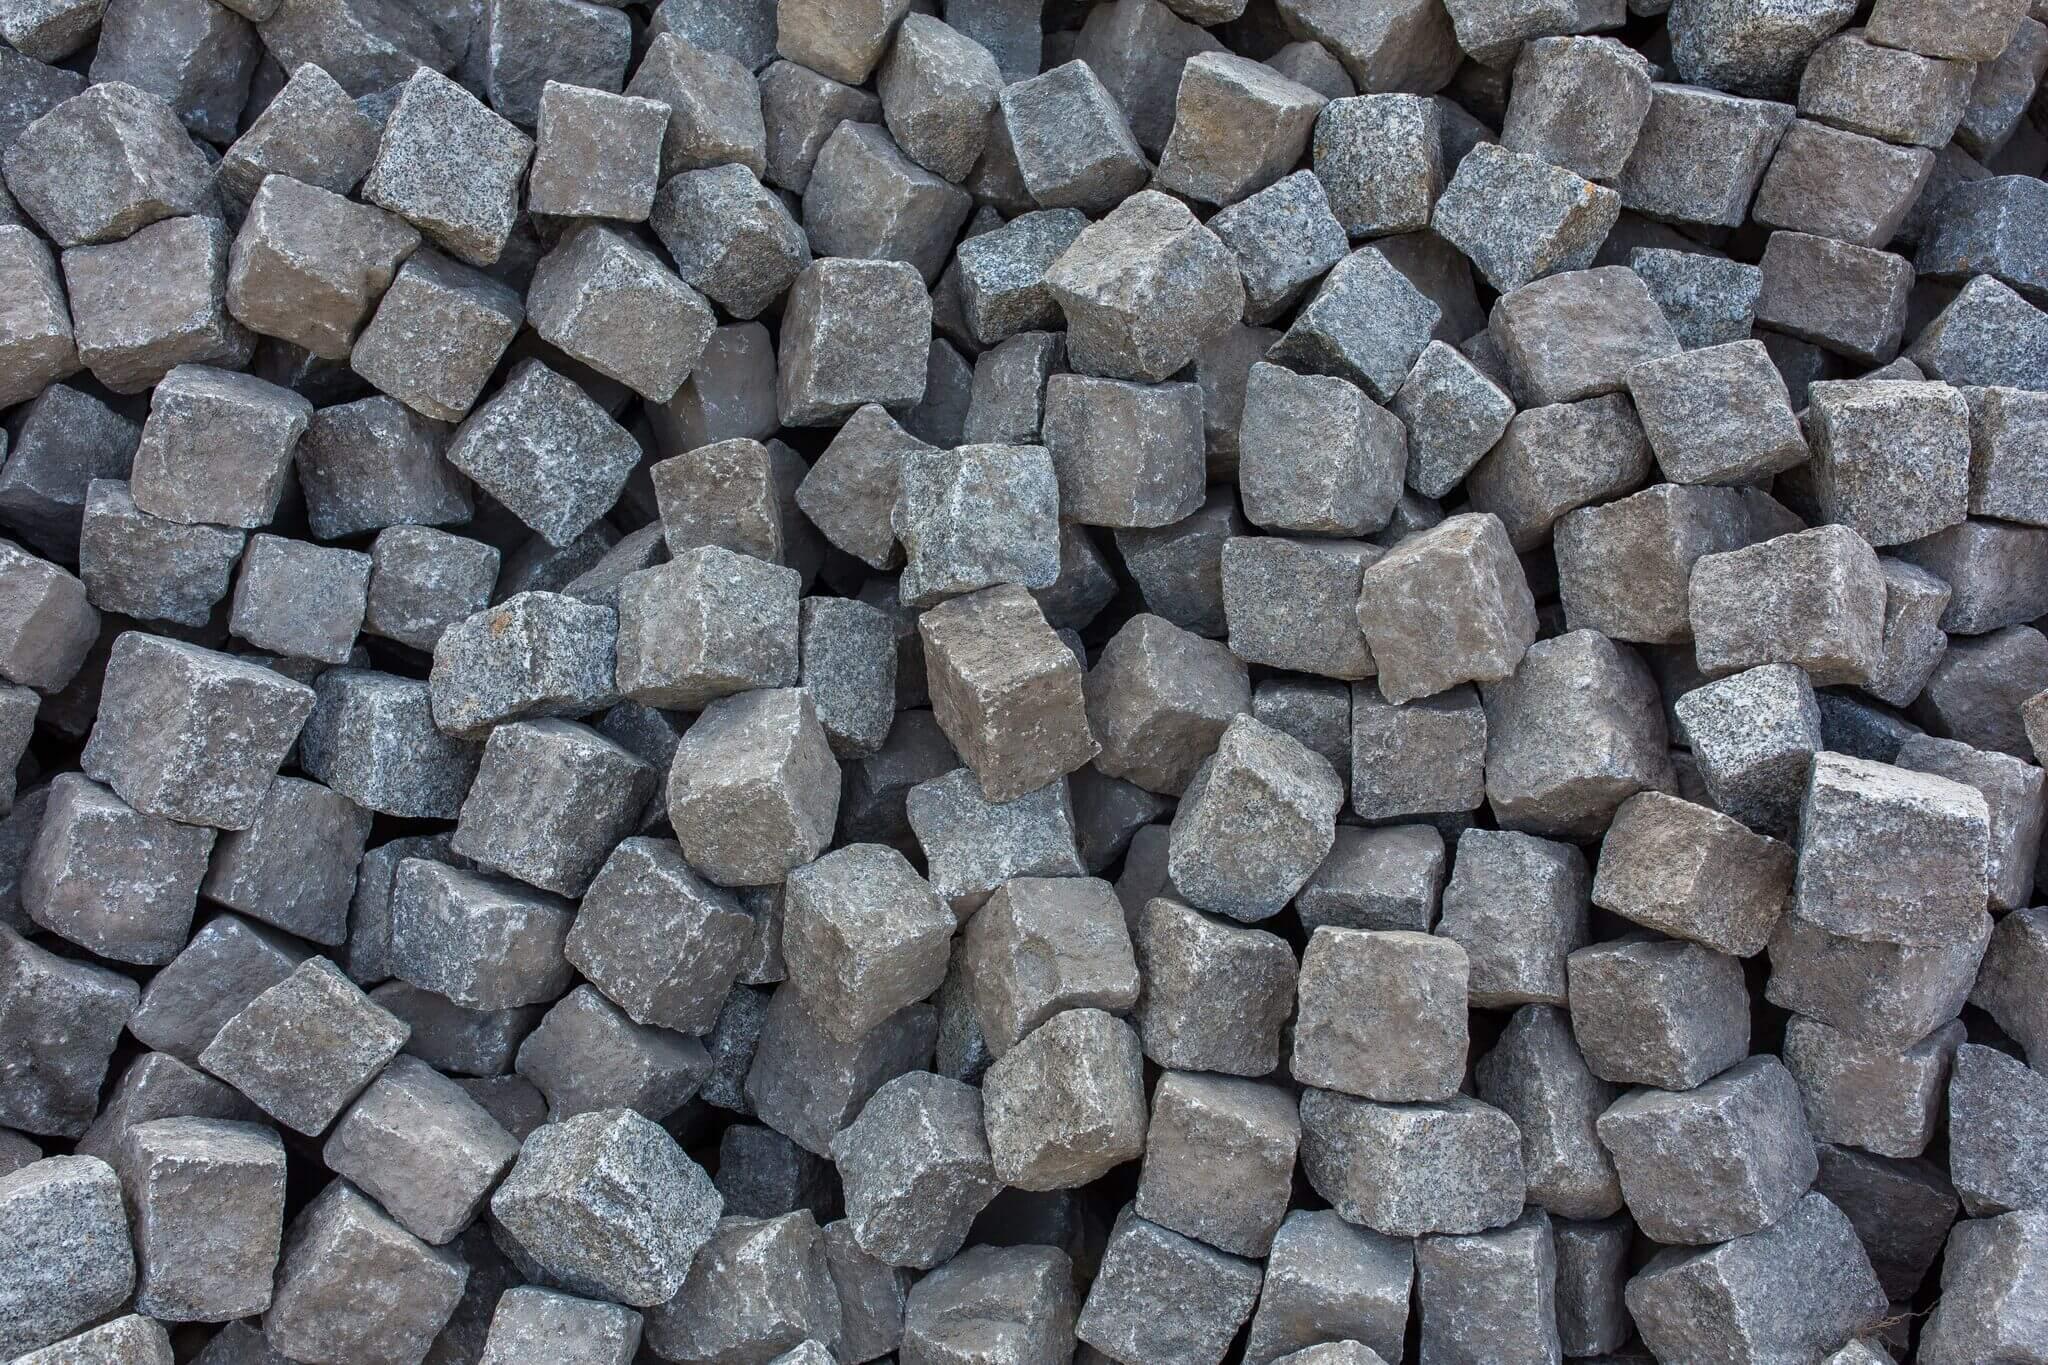 gebrauchtes granit kleinpflaster   cm reihenfaehig